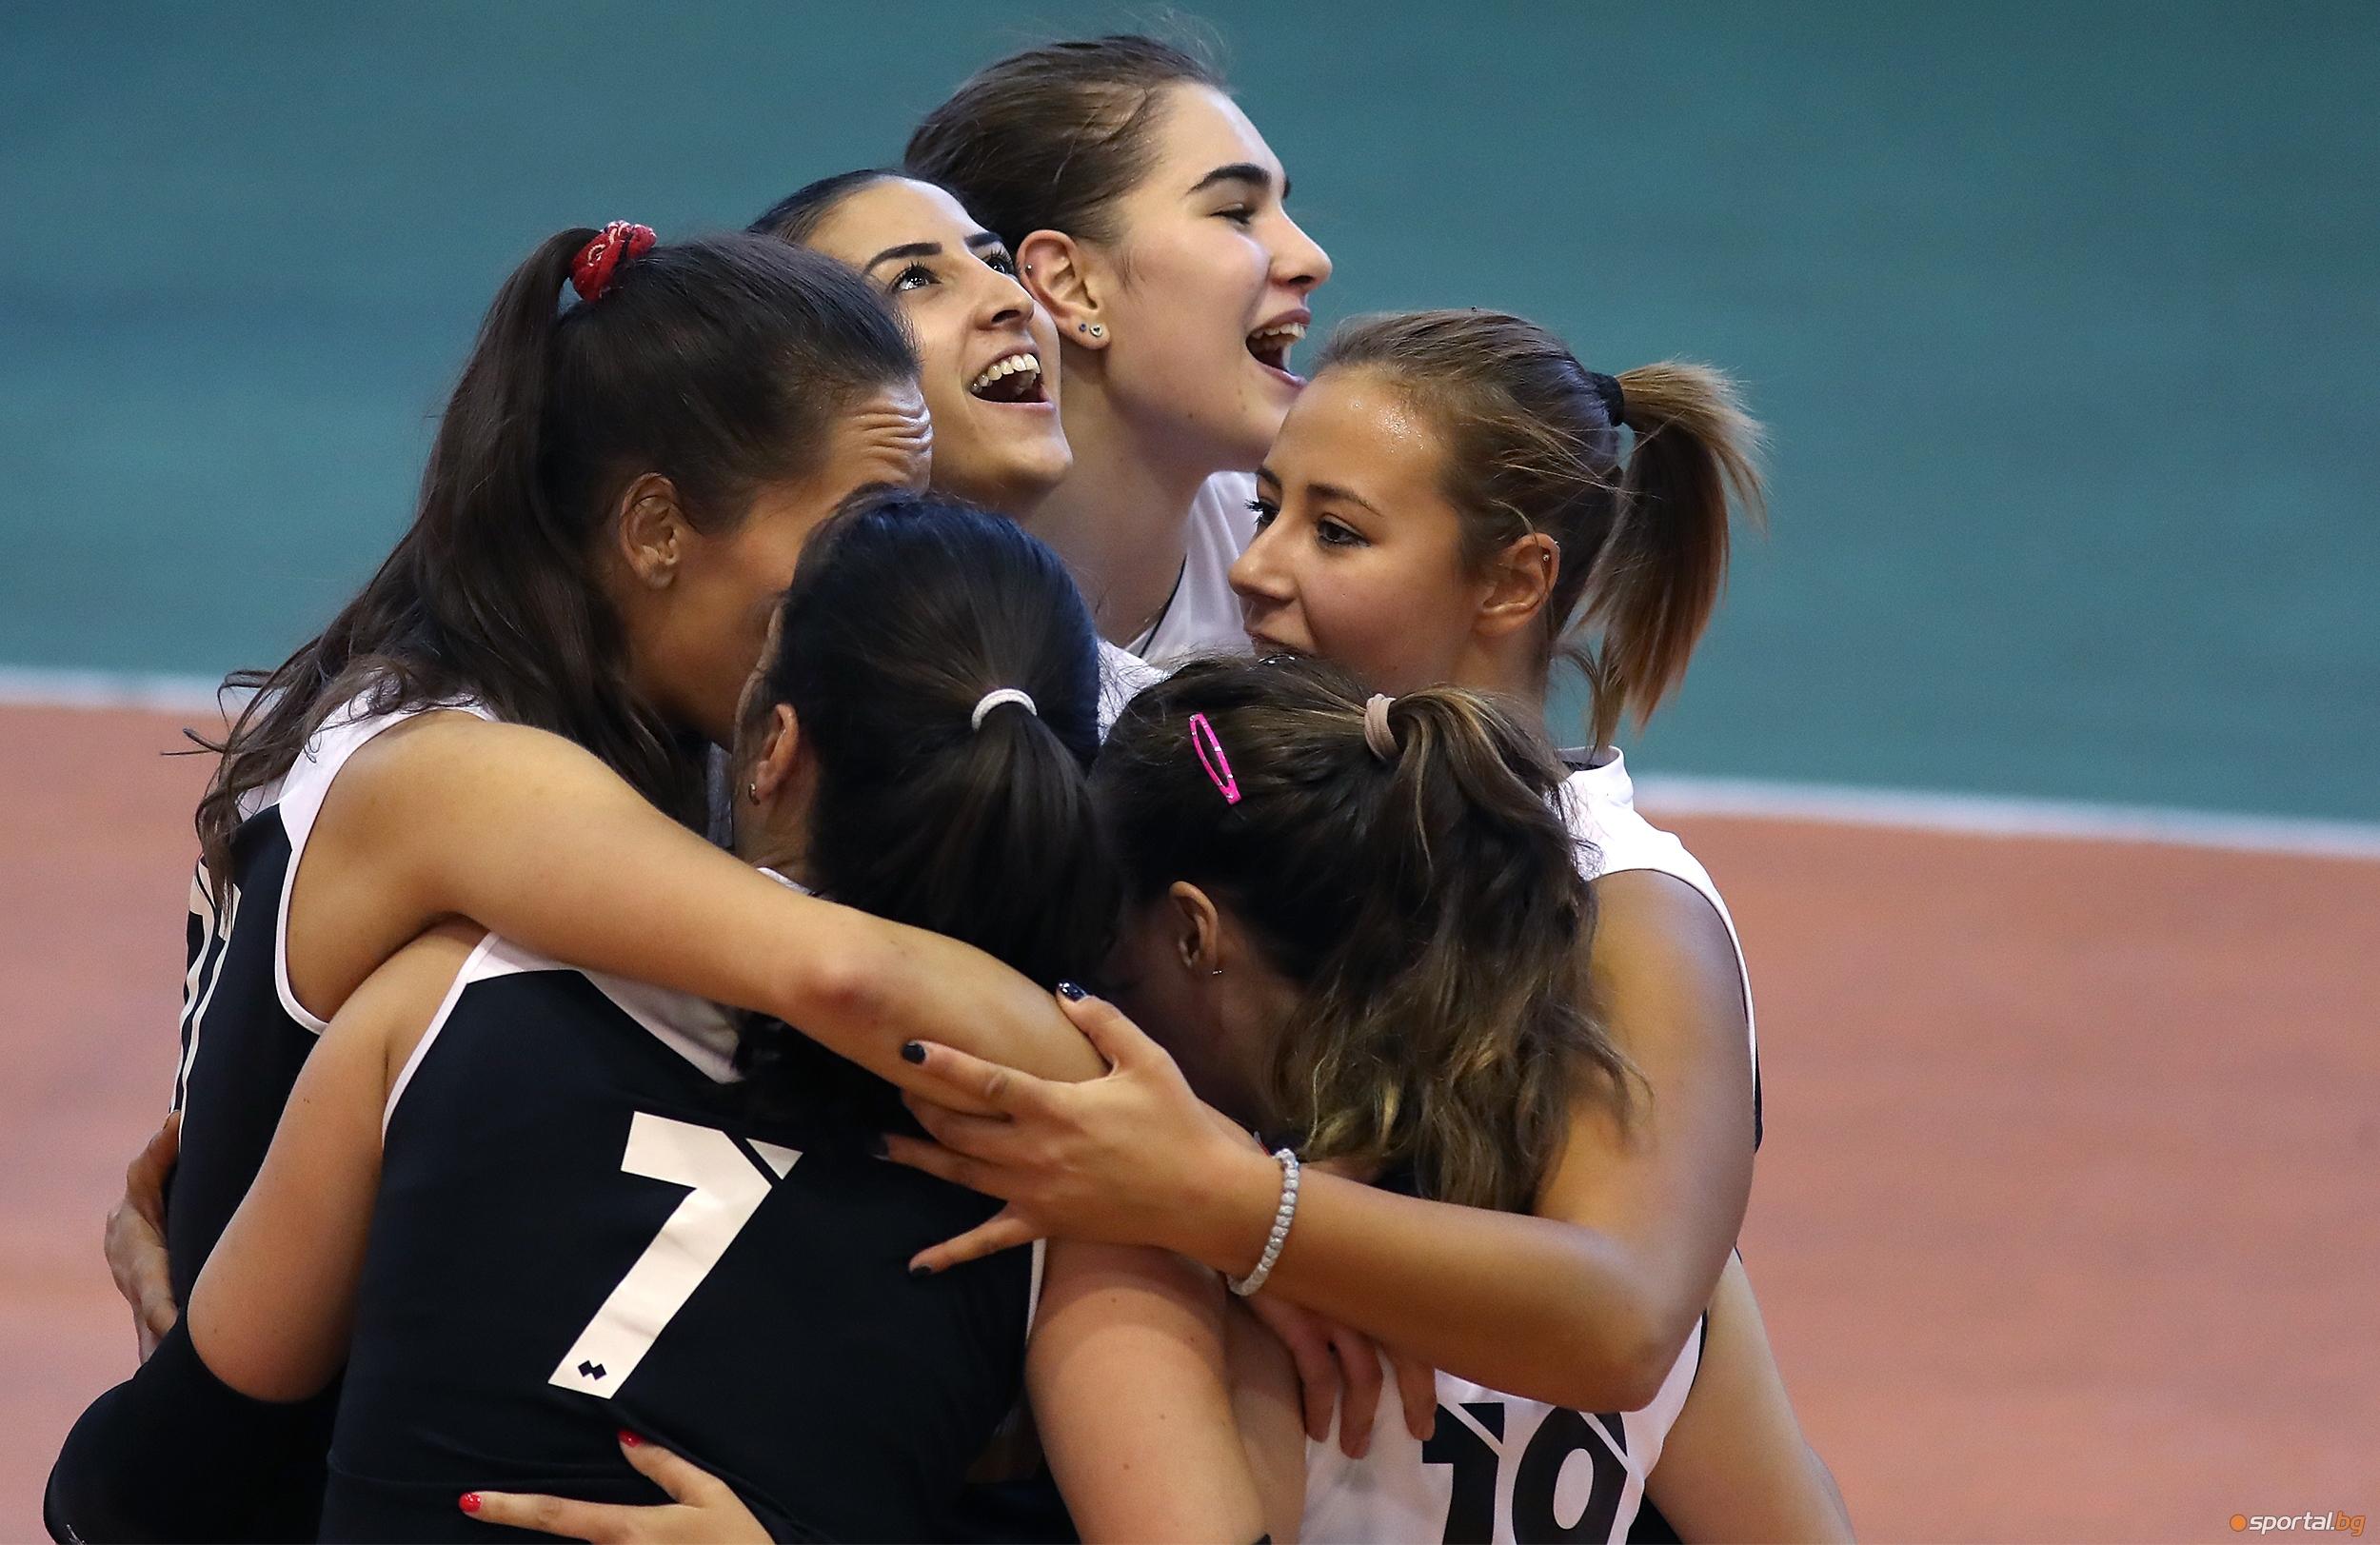 Волейболистките на Славия (София) записаха първа победа в НВЛ-жени, след